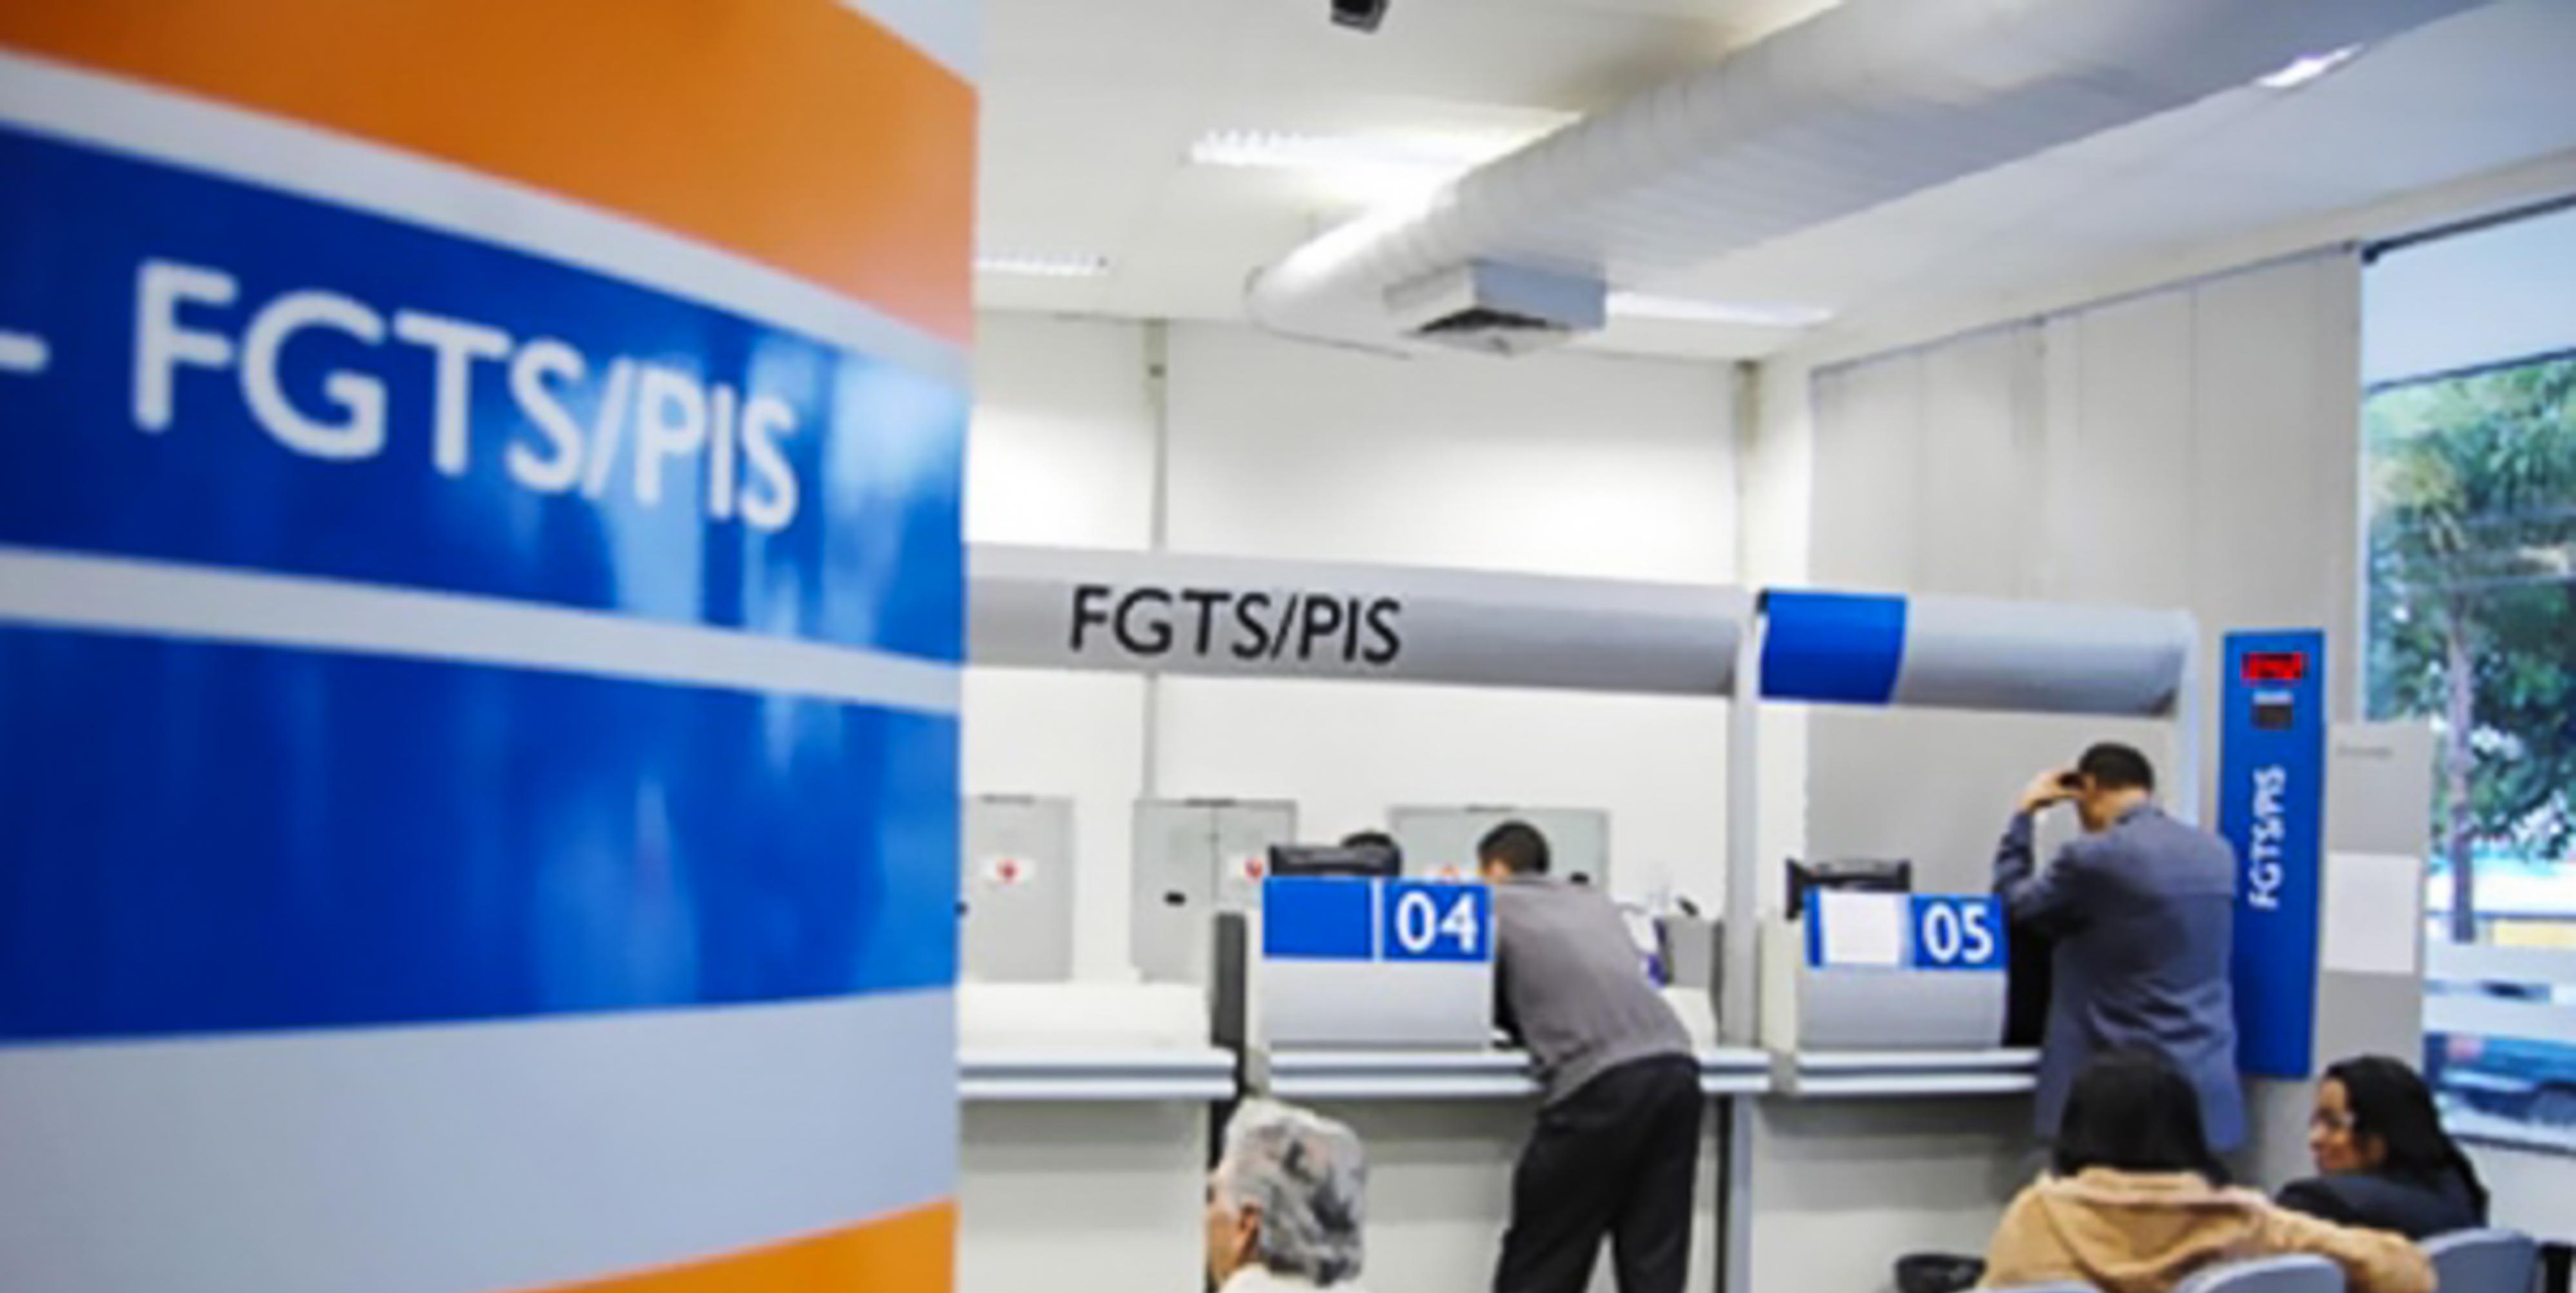 Termina o saque de FGTS inativo na próxima segunda-feira (31/7) - Imagem de divulgação